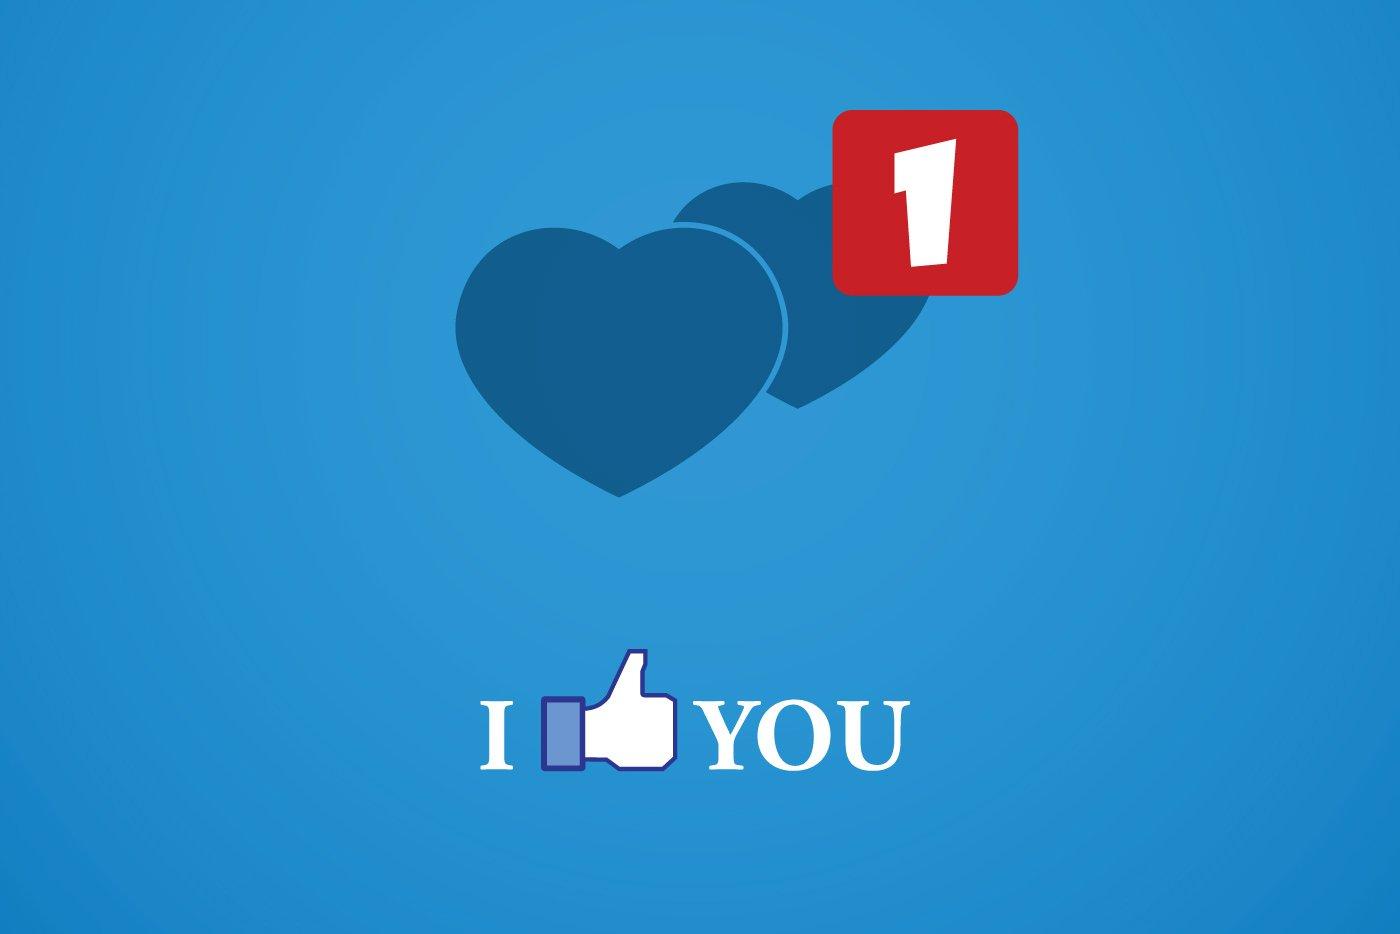 valentine-campaign-ideas